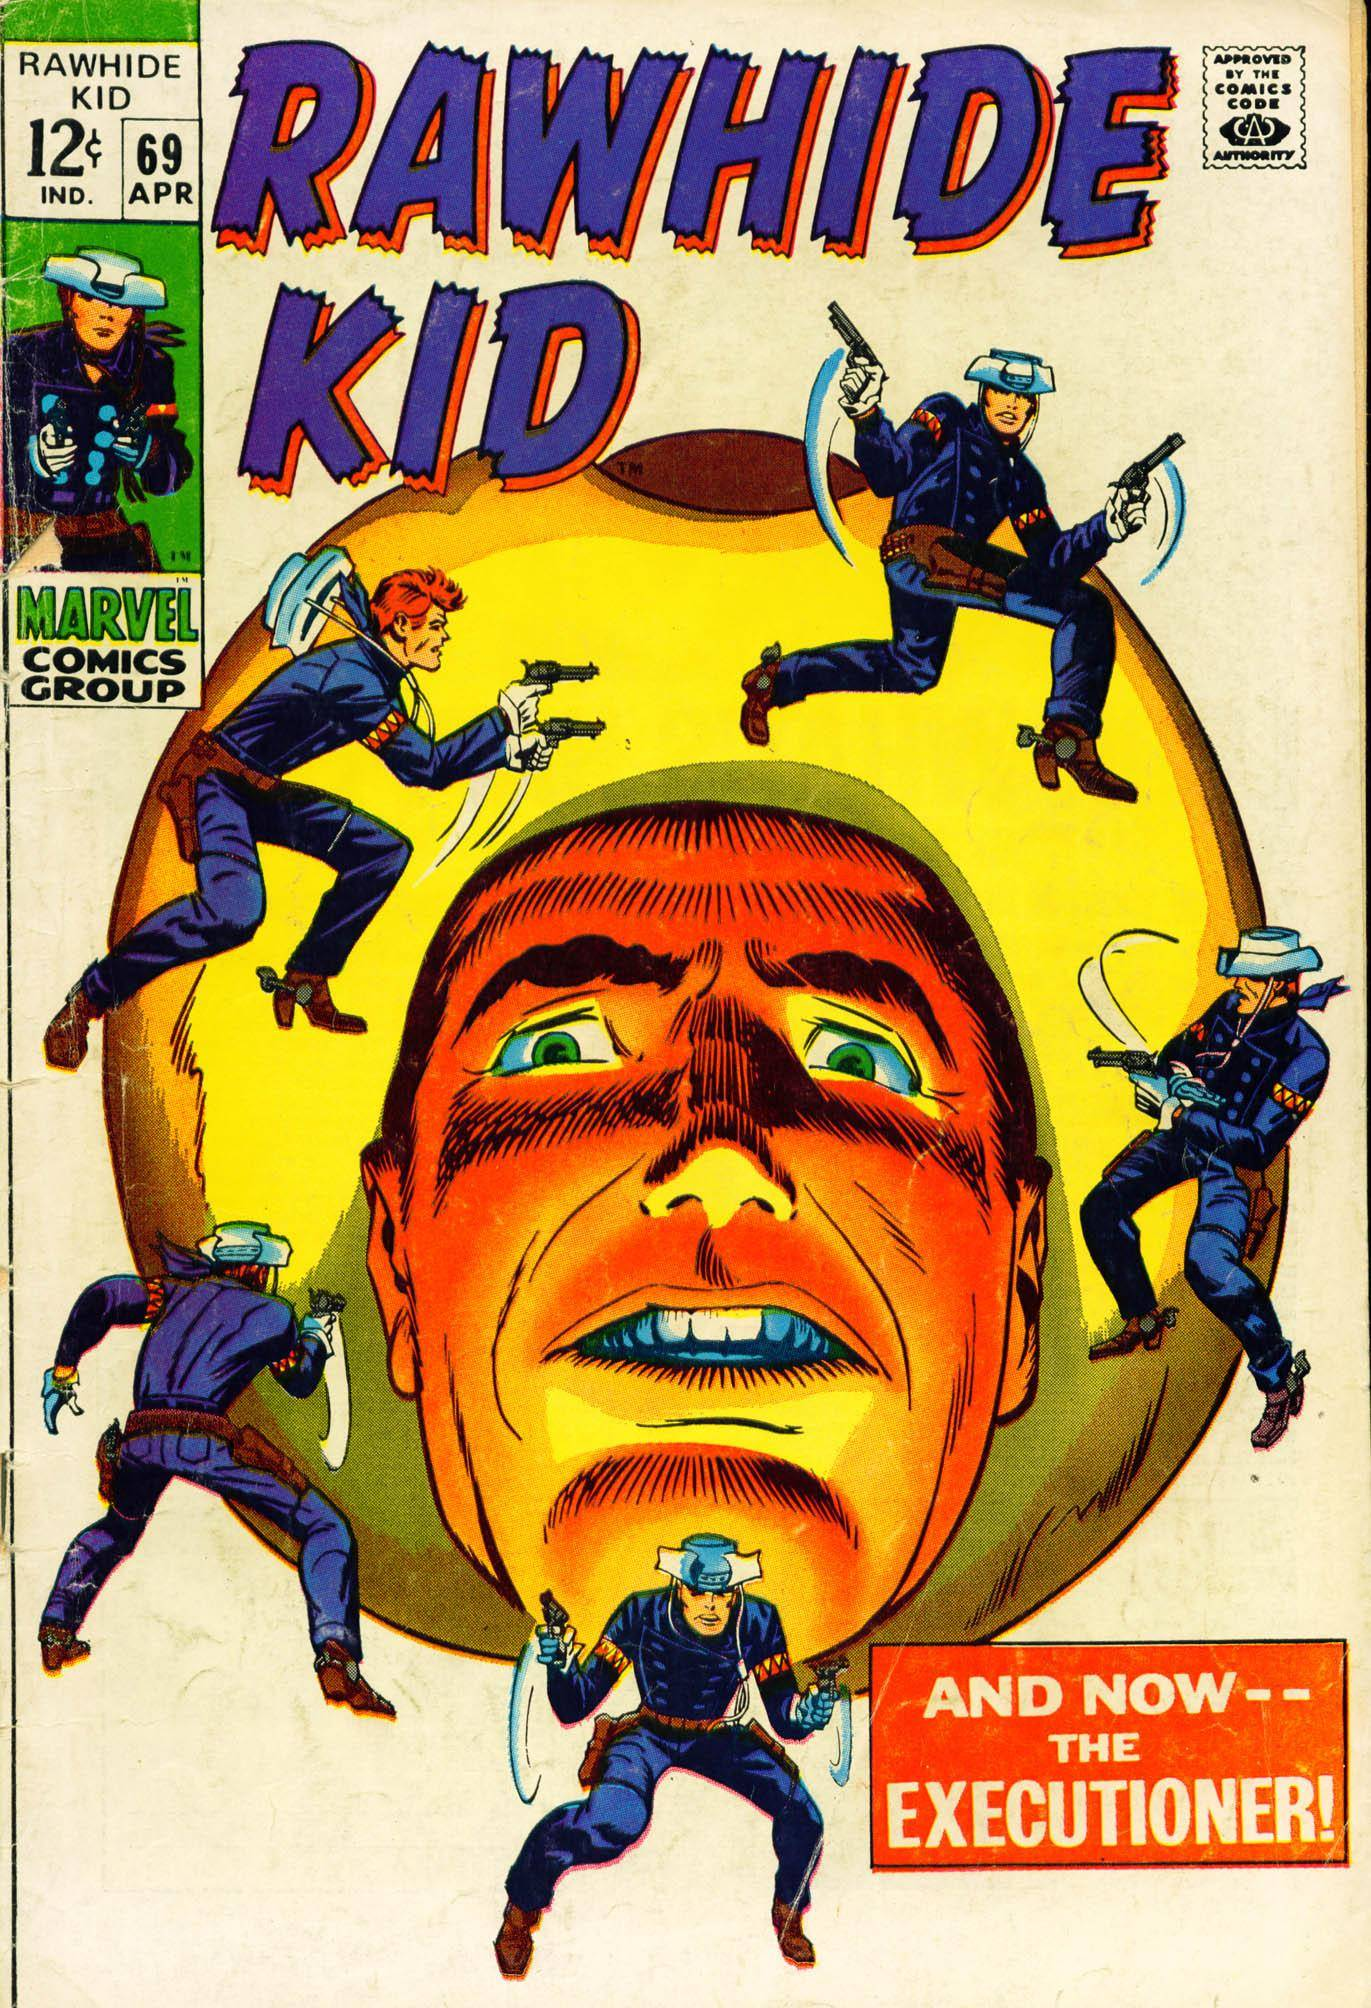 Rawhide Kid v1 069 1969